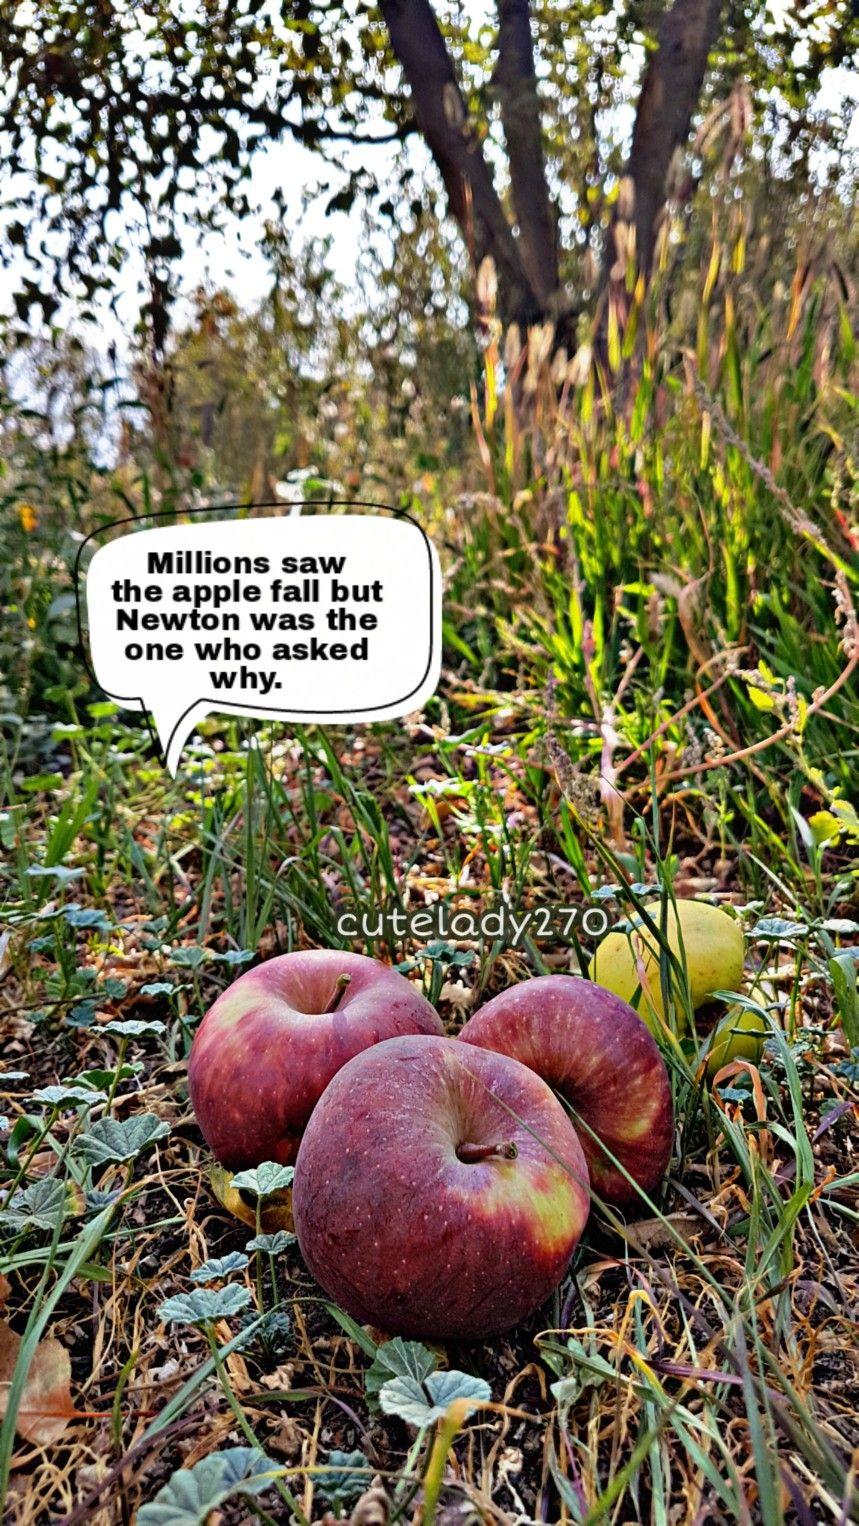 رأى الملايين سقوط التفاحة لكن نيوتن هو الذي سأل عن السبب Apple Food Fruit